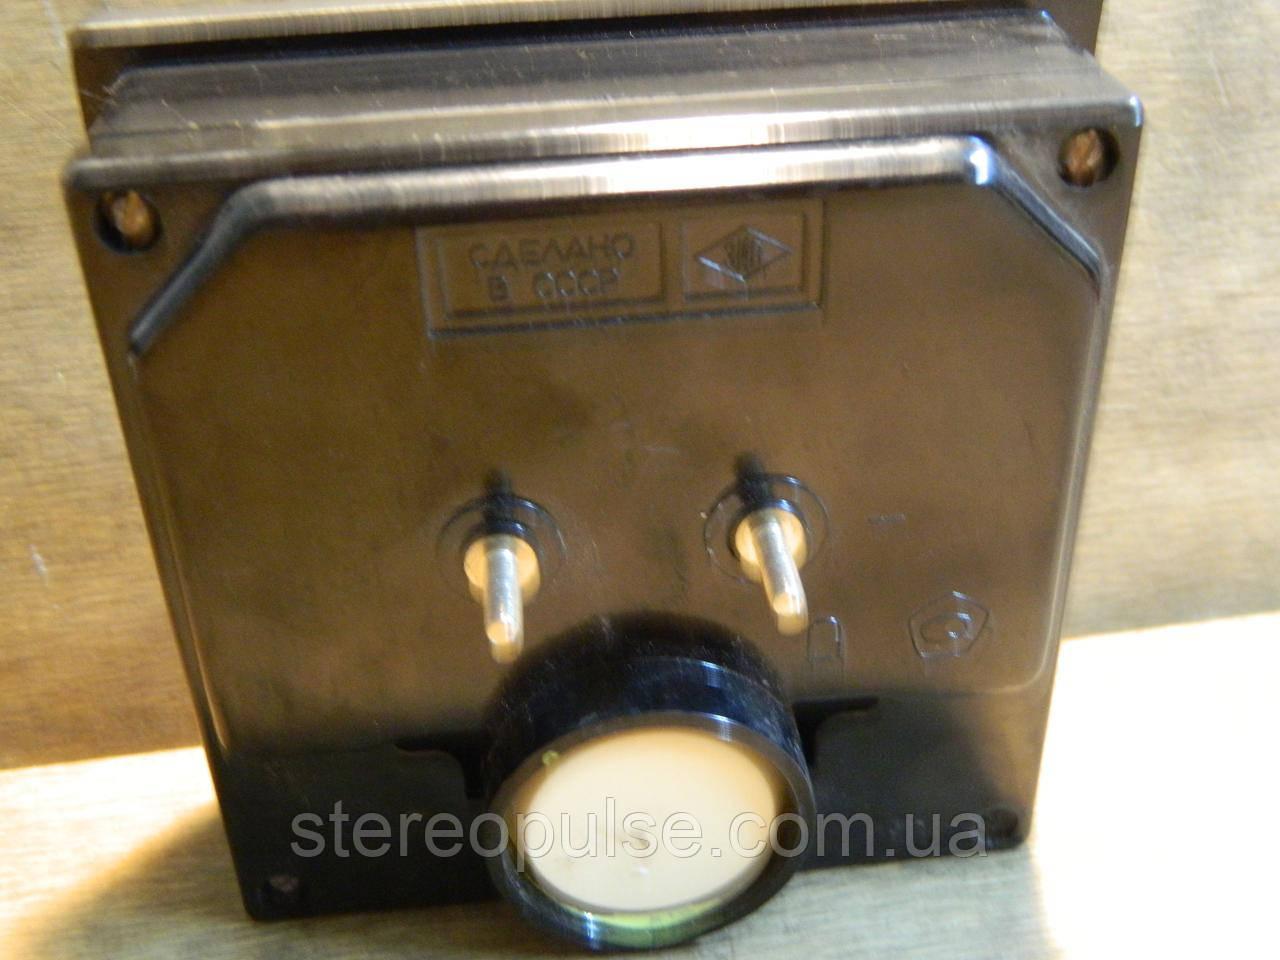 Амперметр М381 500 А .